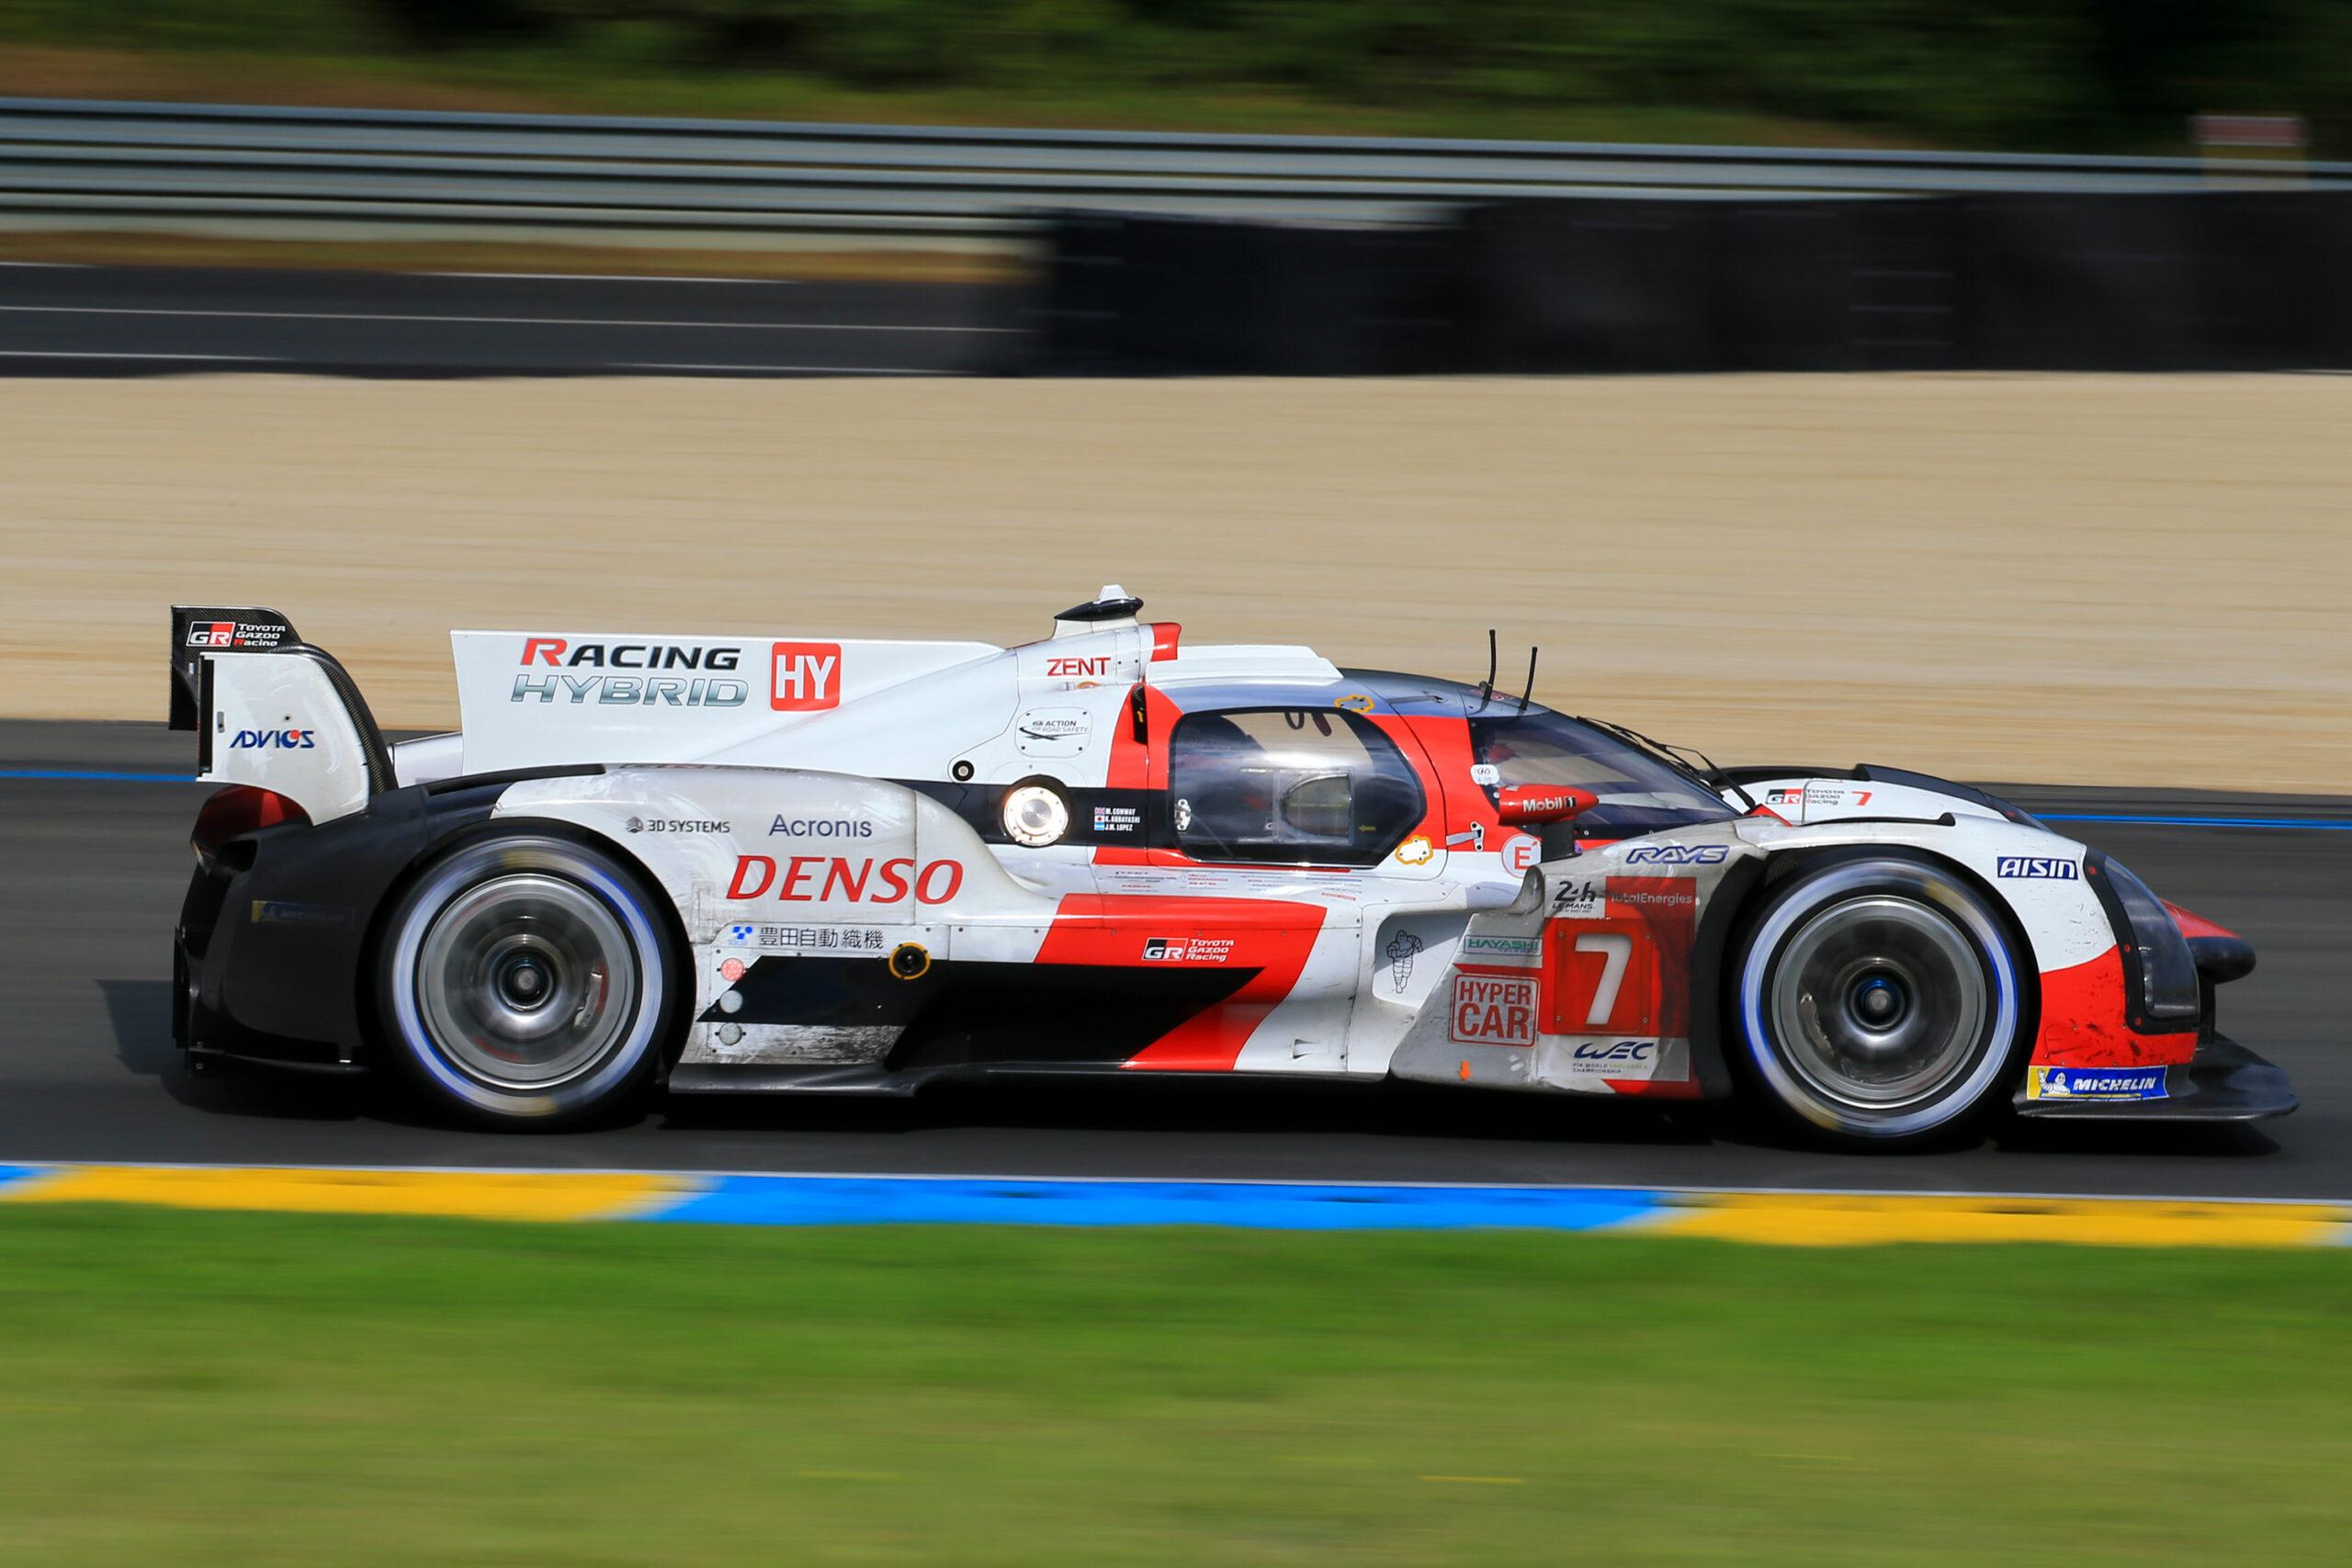 24 Ore di Le Mans 2021: Domina la Toyota, la Ferrari vince la GTE PRO e la GTE AM.